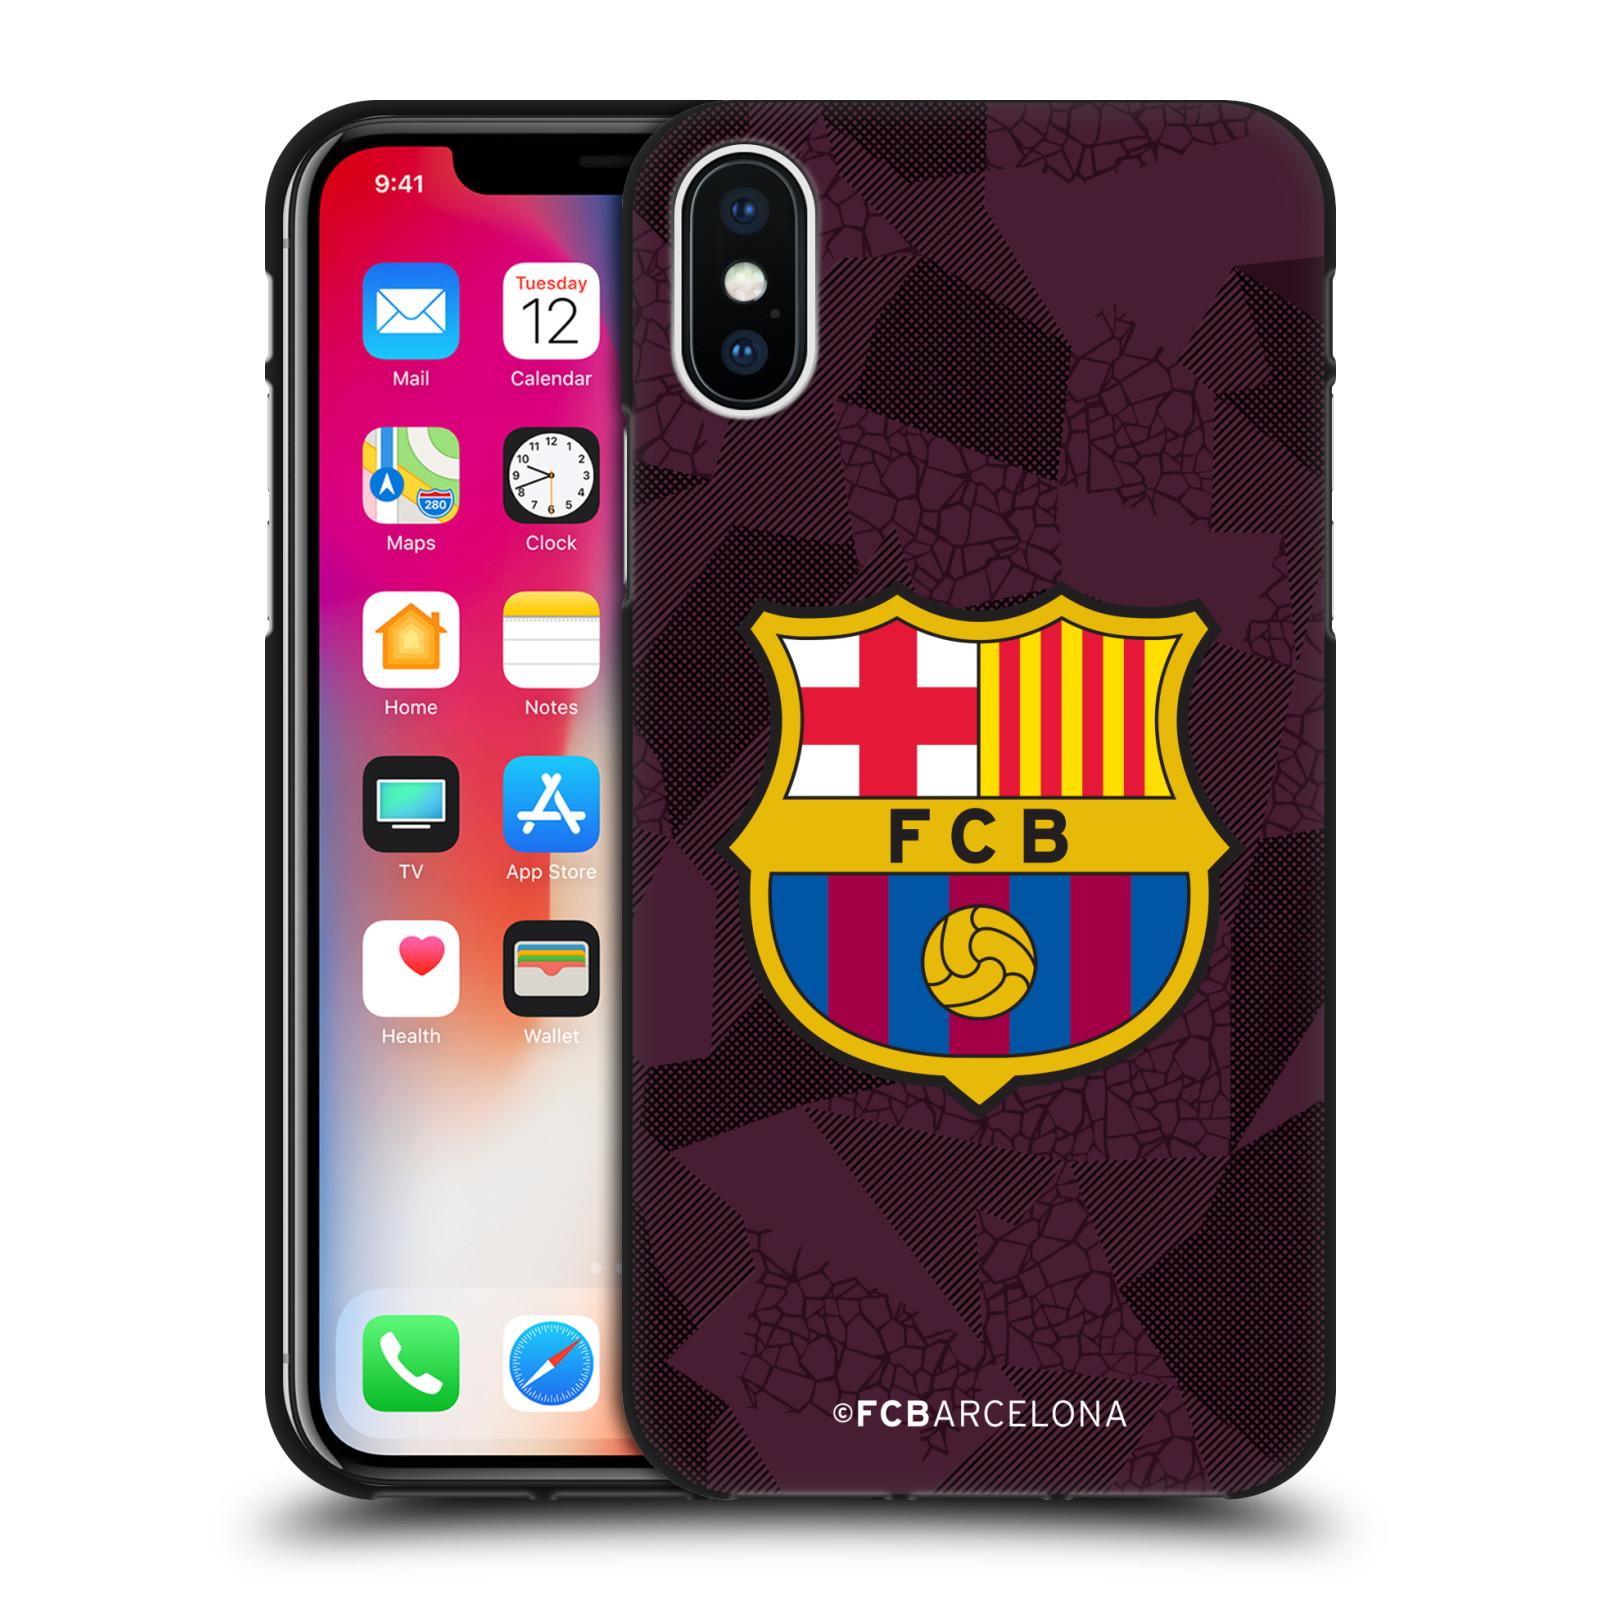 OFFICIAL-FC-BARCELONA-2017-18-CREST-KIT-BLACK-GEL-CASE-FOR-APPLE-iPHONE-PHONES